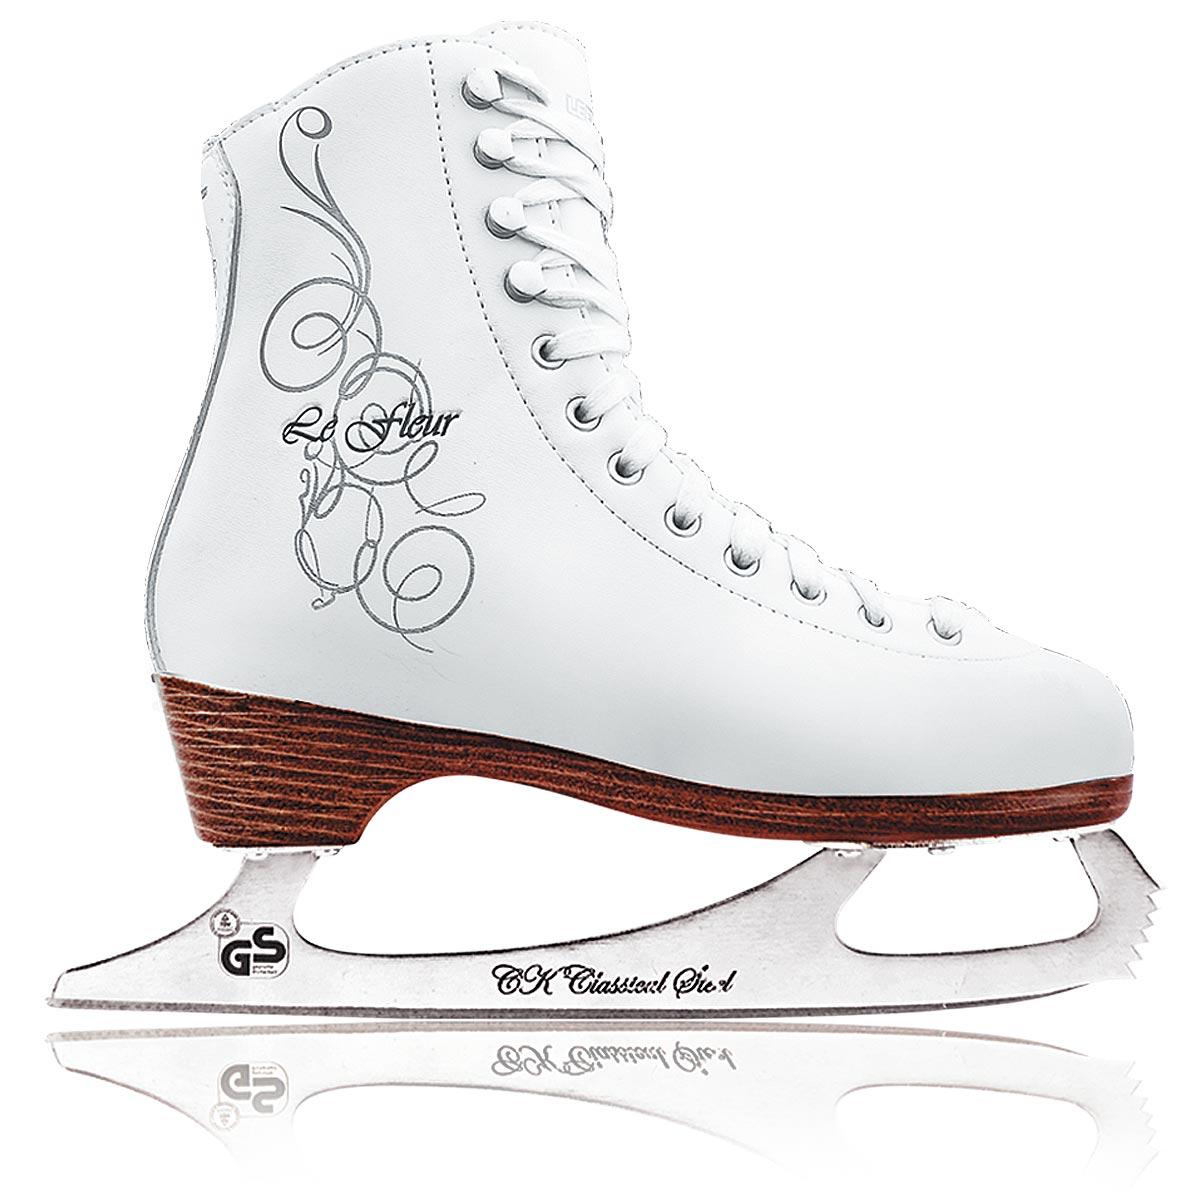 Коньки фигурные для девочки СК Le Fleur Leather 100%, цвет: белый, серебряный. Размер 30Le Fleur Leather 100%_белый, серебряный_30